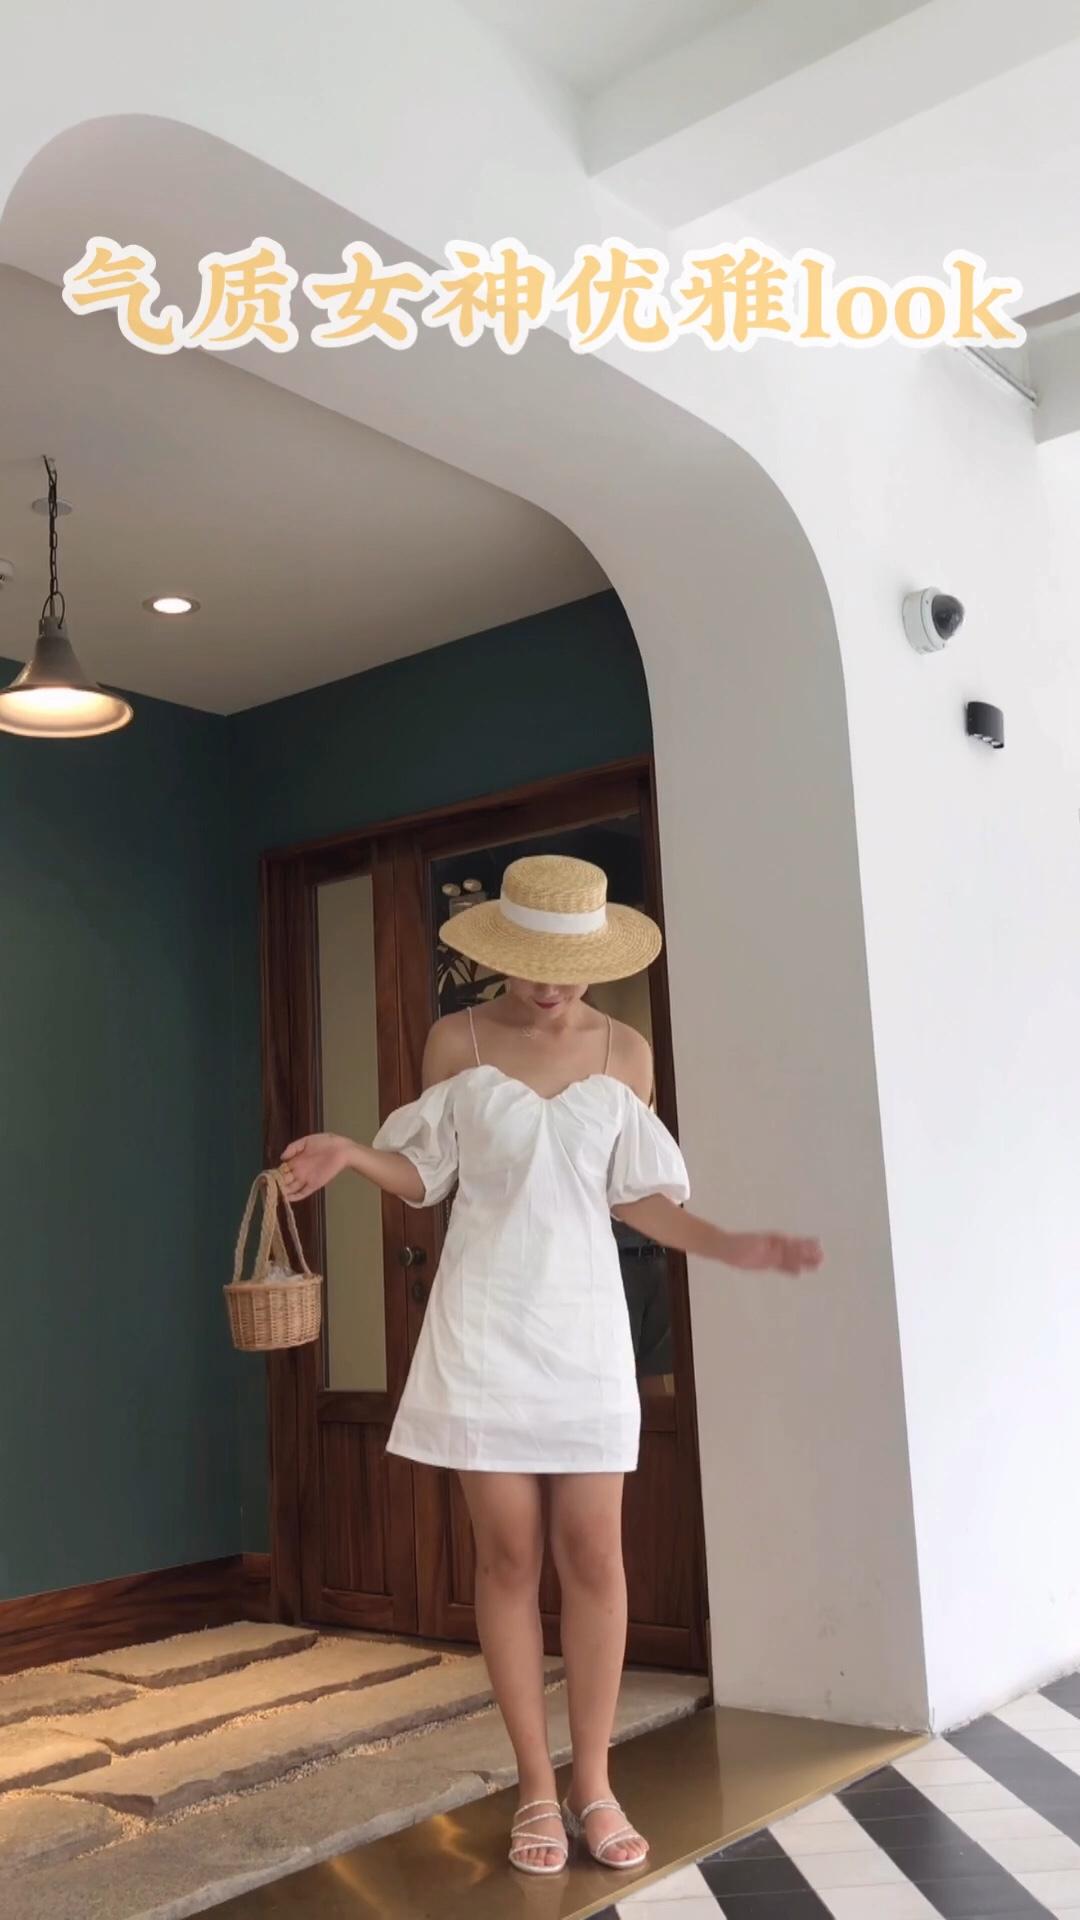 #撩人满分:高阶露肤法# 在复古风大热的时尚界,很多曾经在奶奶衣柜里看见的衣服,又重新时髦了起来,泡泡袖连衣裙就是其中一款。比起别的设计,夸张的肩部设计,带着一种可爱俏皮,完美演绎法式复古。 对于微胖MM和肩膀粗壮的女生来说,泡泡袖就是拯救你的福音。稍许夸张的细节,让连衣裙有了不一样的感觉。